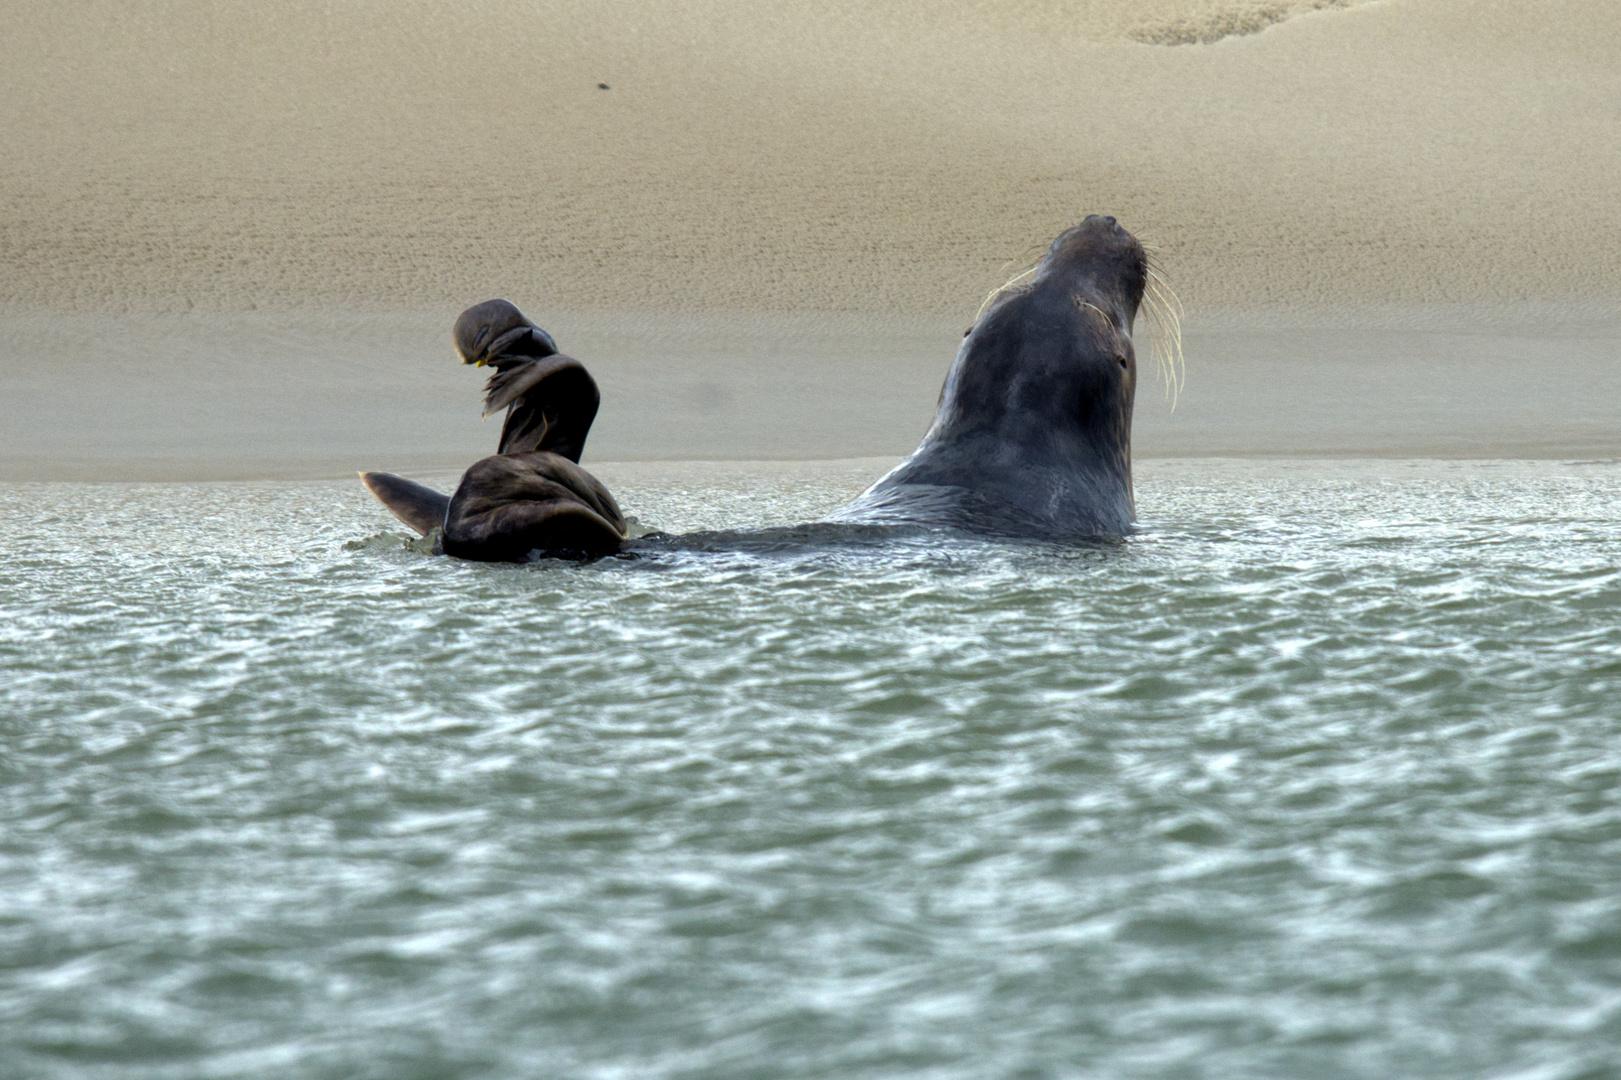 Seehund schwimmend vor Sandbank